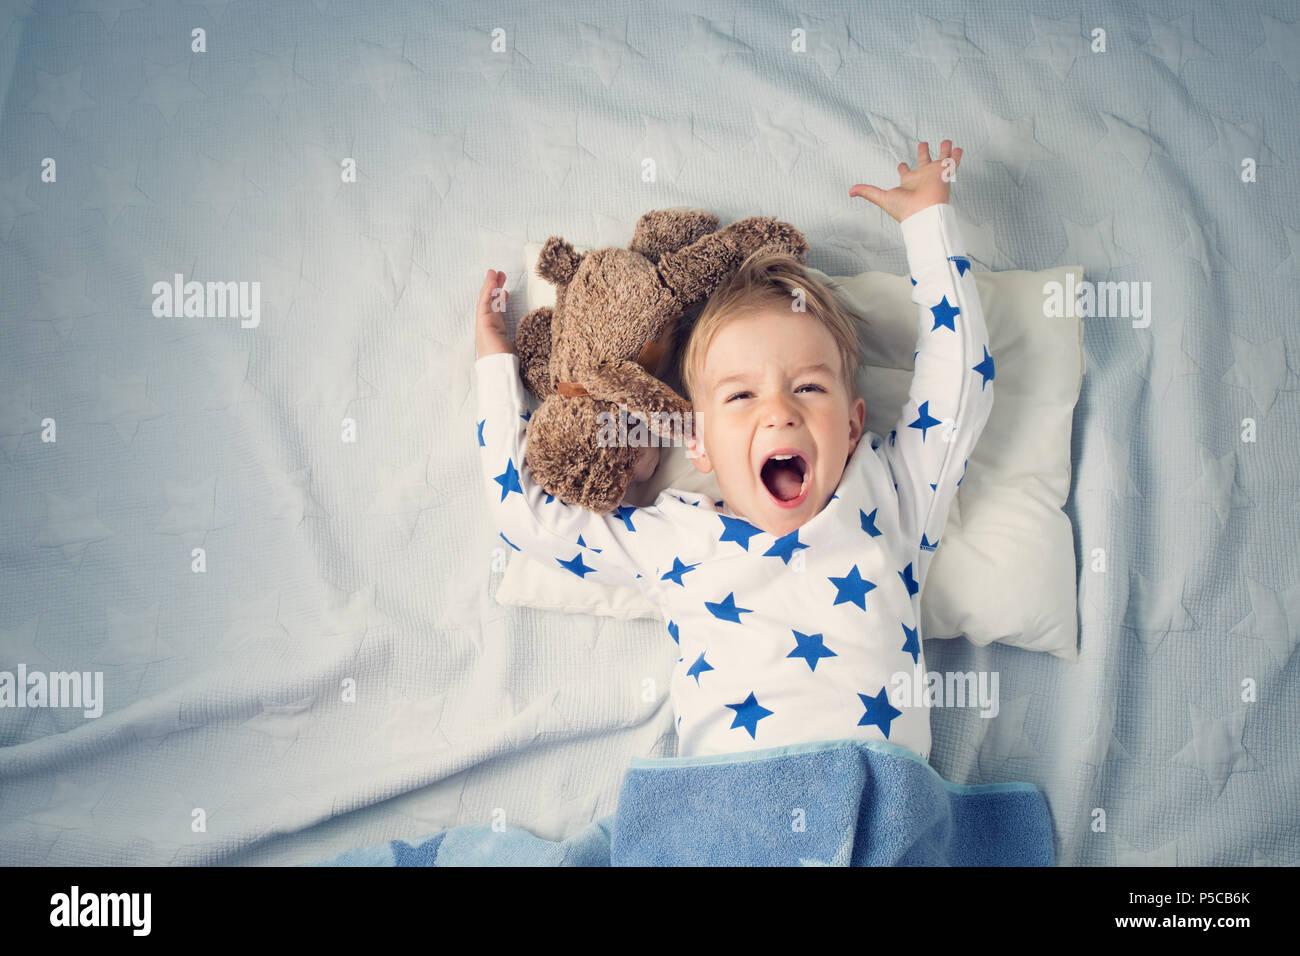 1 Jahr altes Baby weint Stockbild